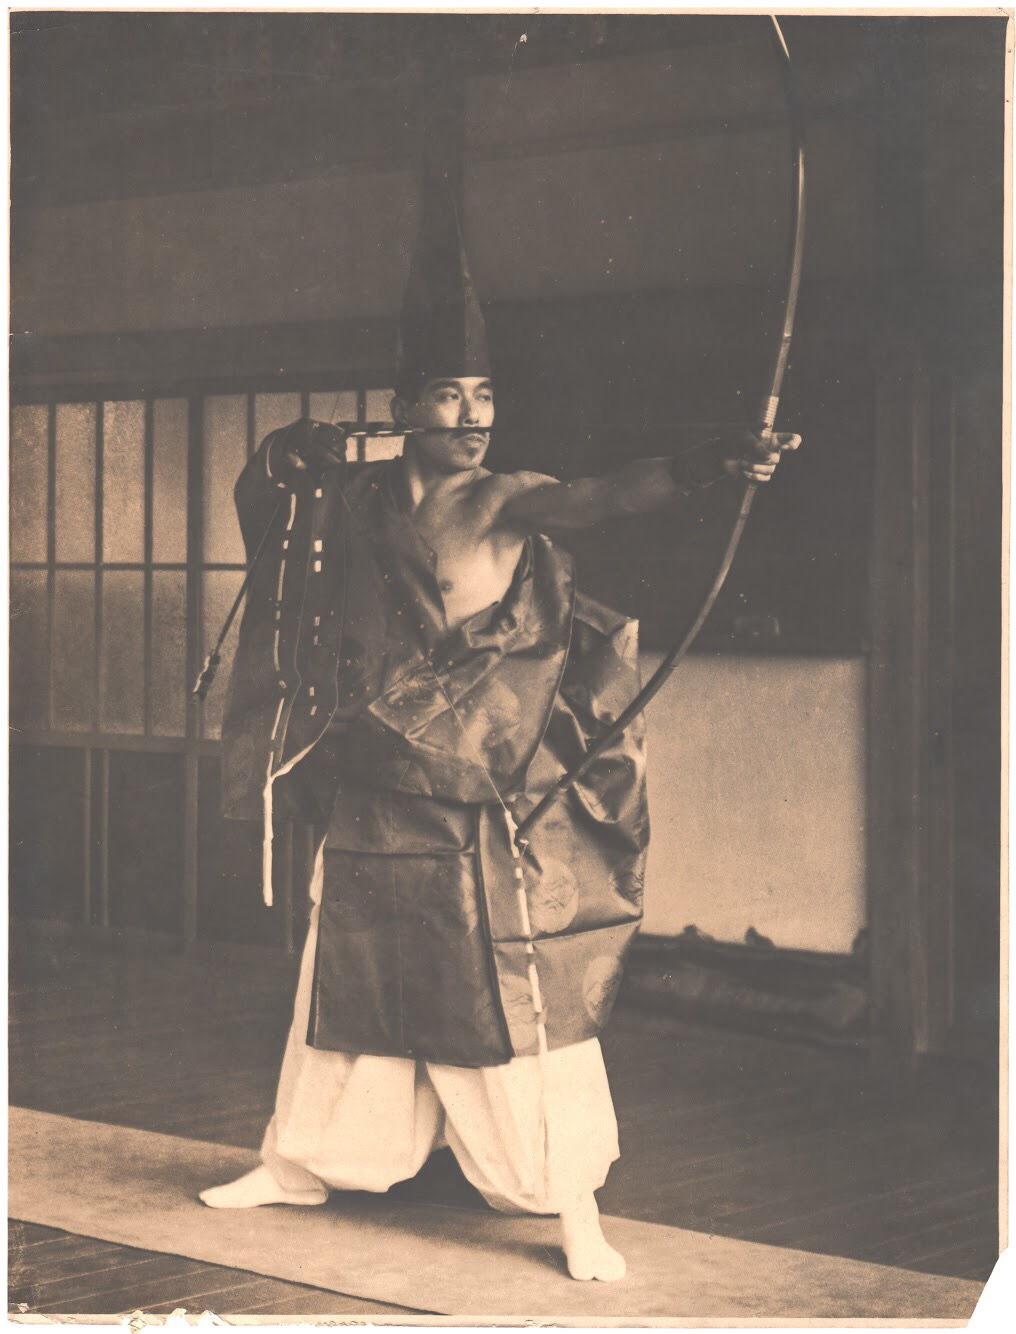 Amu Ishikawa